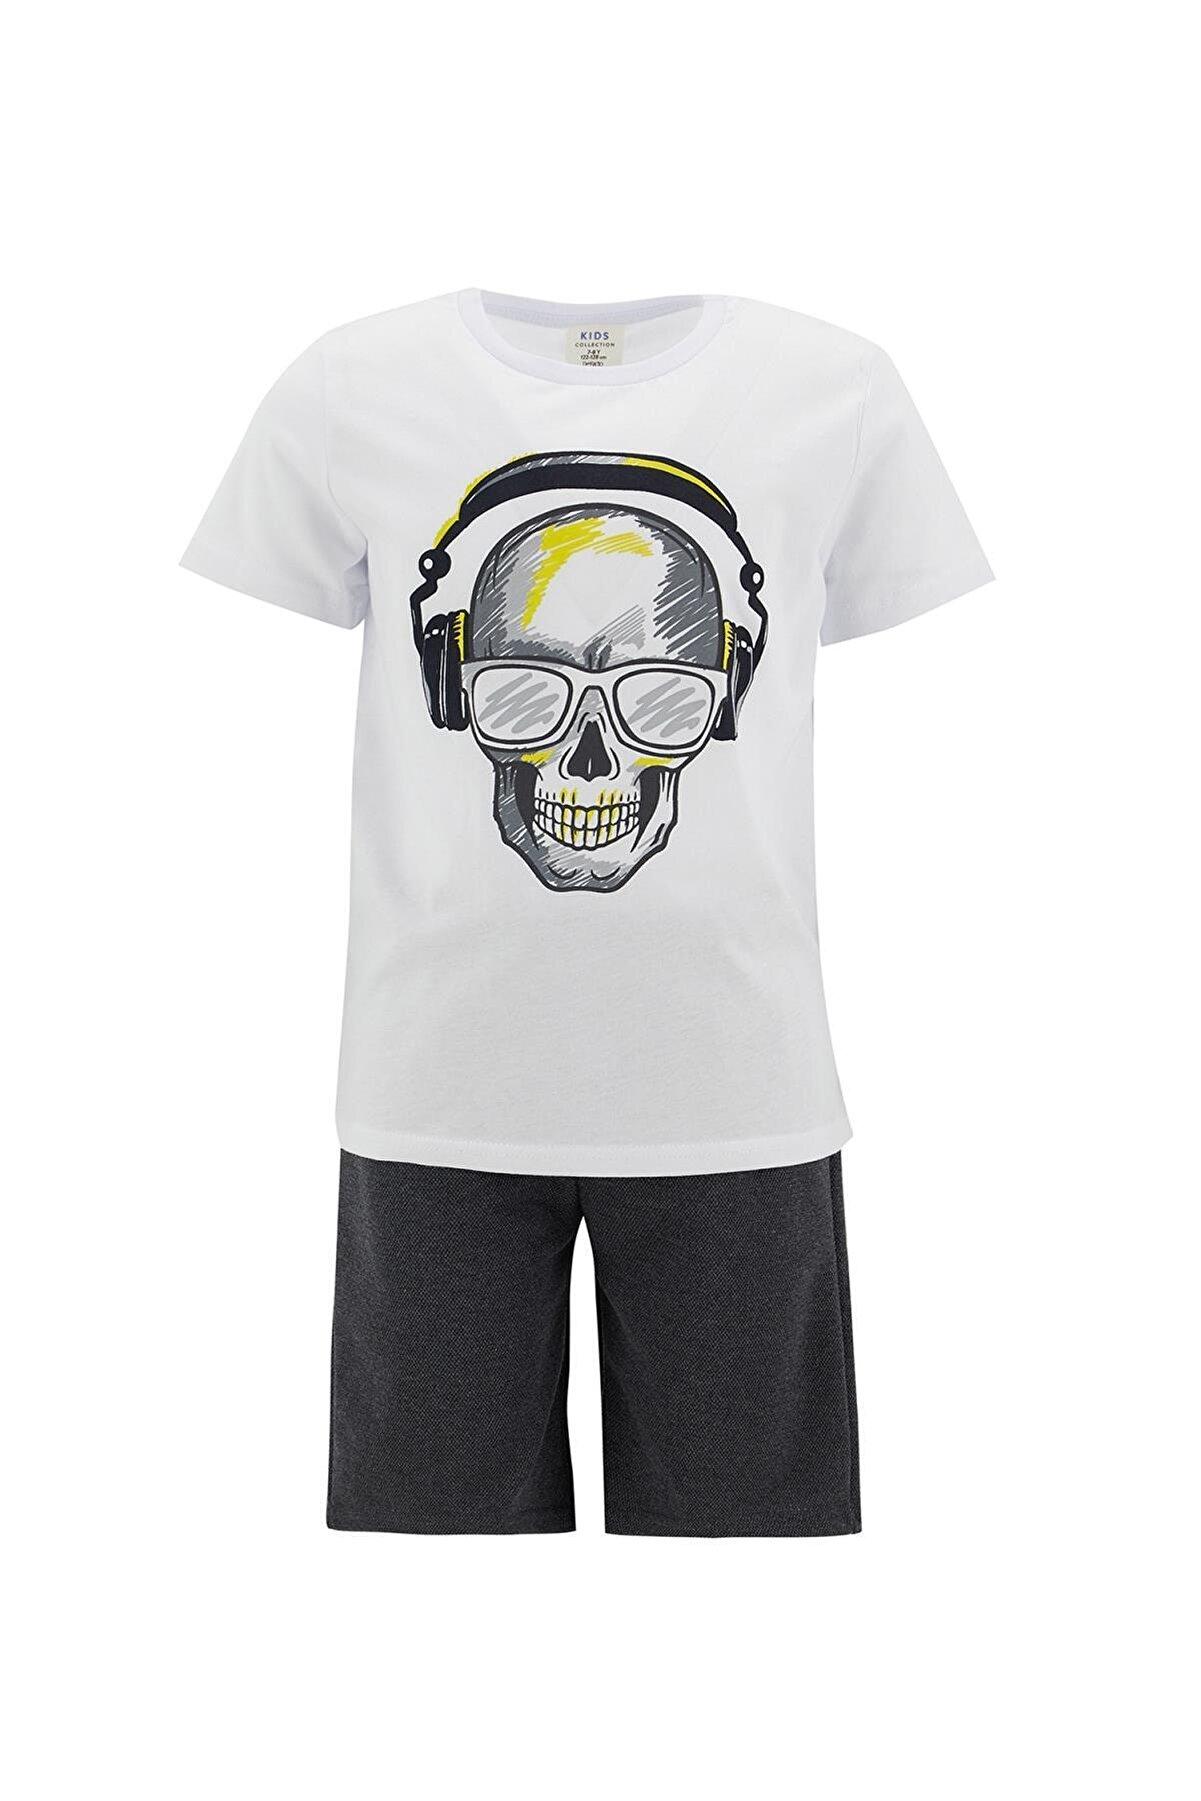 Defacto Erkek Çocuk Kuru Kafa Baskılı Tişört Ve Bermuda Şort Takımı